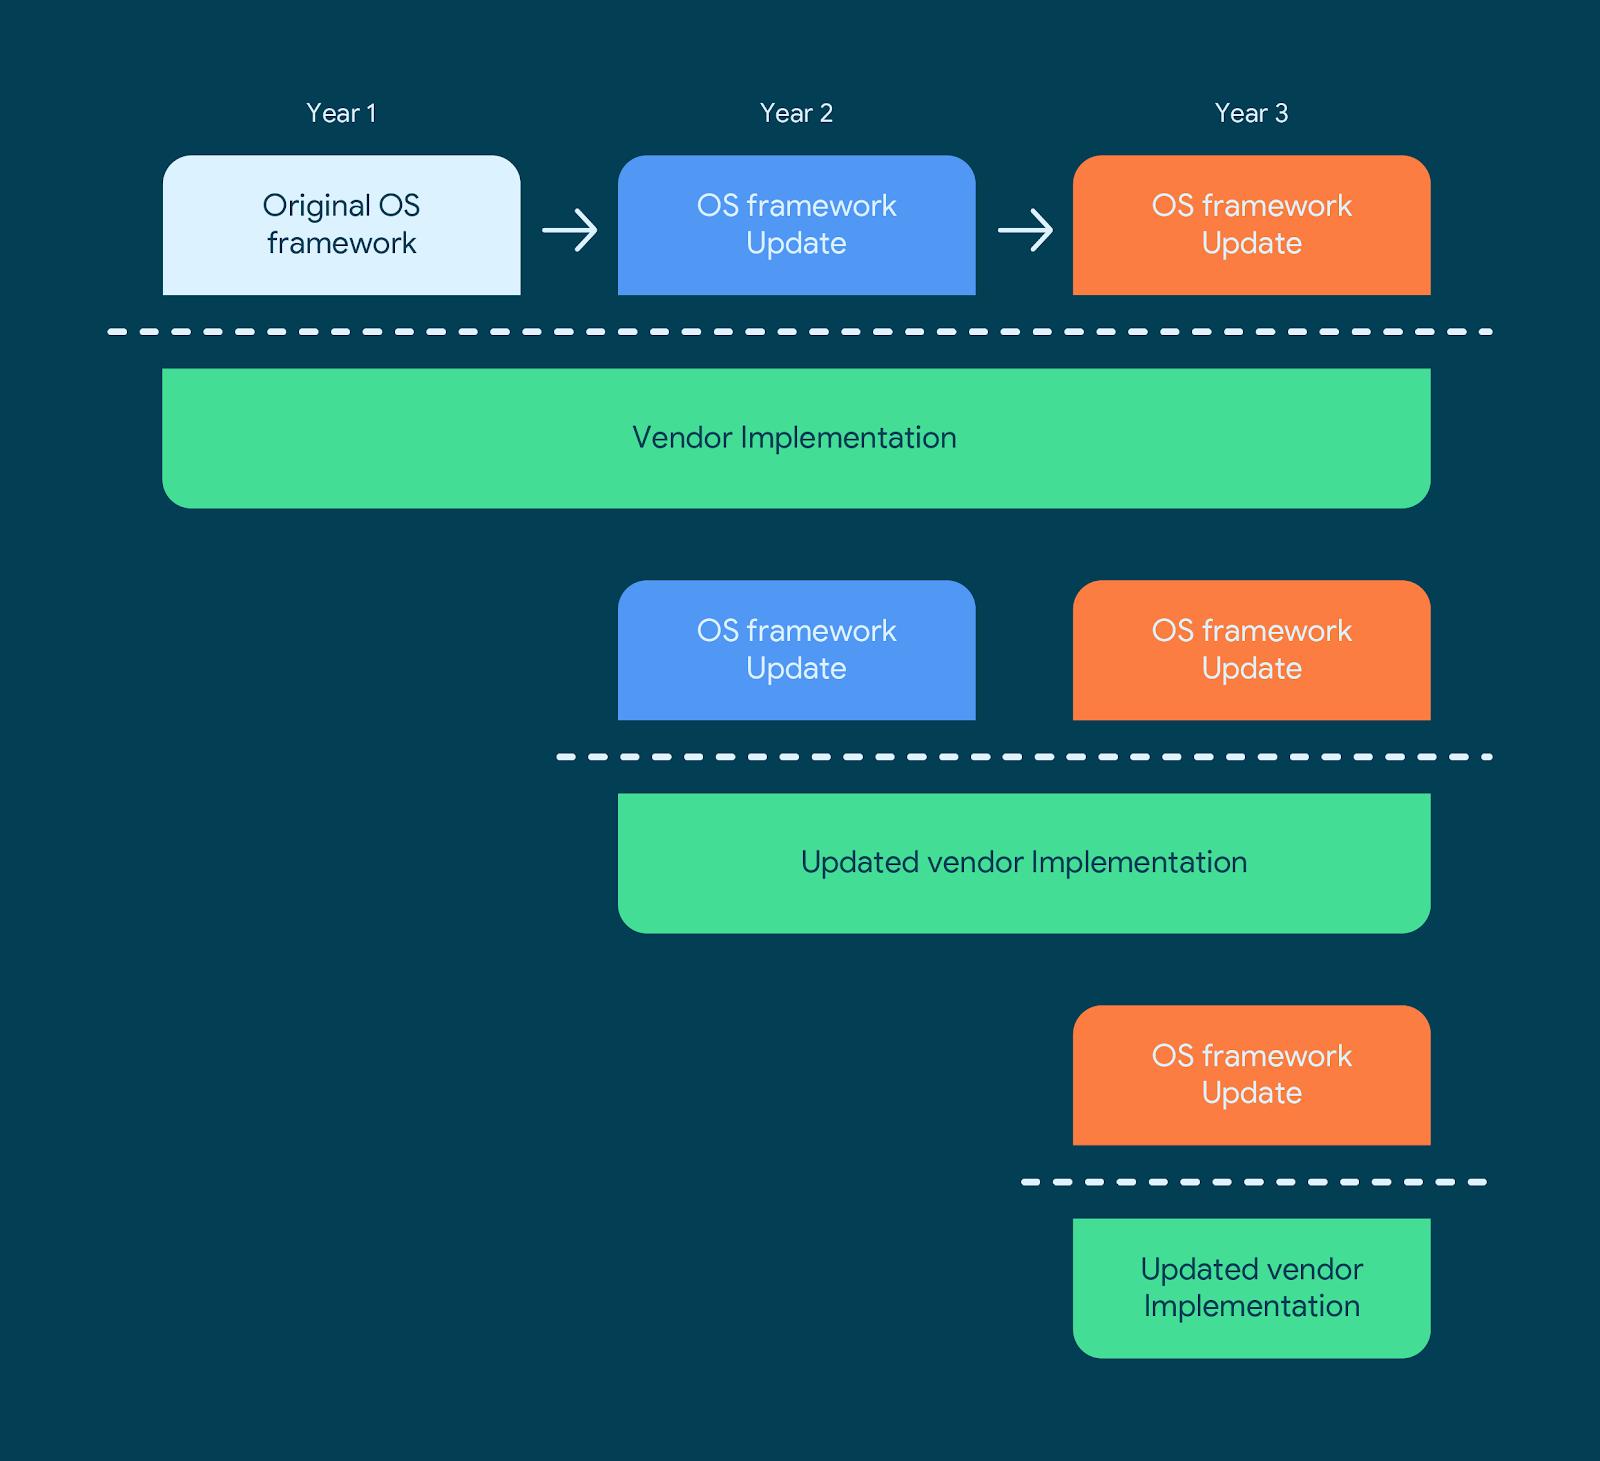 Timeline of OS framework